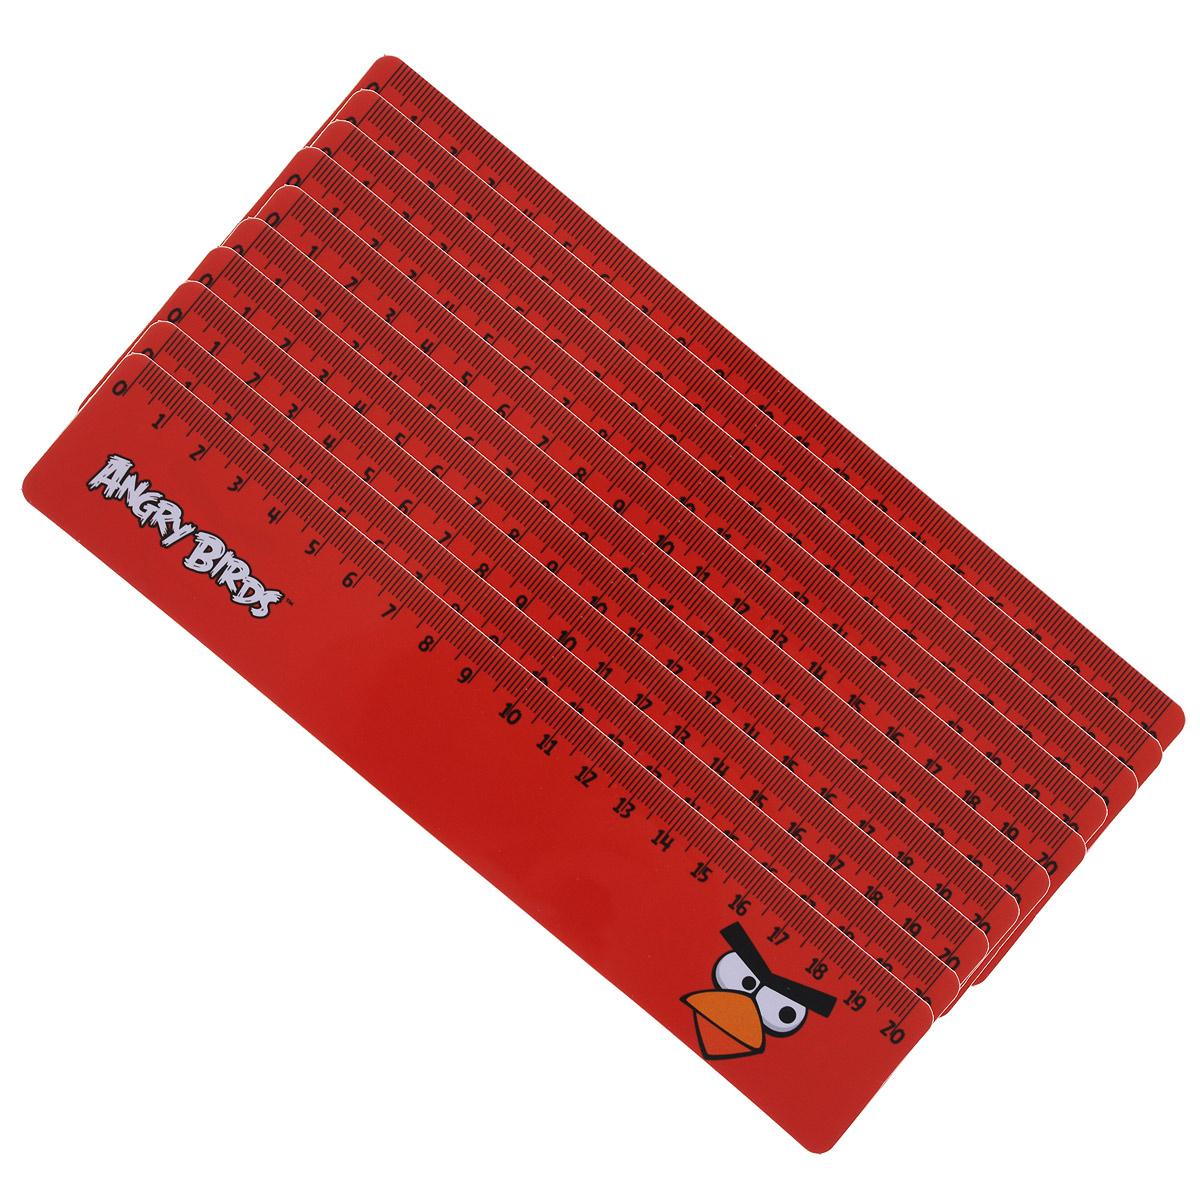 Линейка Centrum Angry Birds, 20 см, 10 шт745640Двухсторонняя линейка Centrum Angry Birds обязательно придется по вкусу любому поклоннику знаменитой игры Angry Birds. Она выполнена из прочного пластика красного цвета и оформлена изображением красной сердитой птички. Линейка имеет сантиметровую шкалу до 20 см. Цифры нанесены крупным шрифтом и не вызывают затруднений при чтении. В комплект входят 10 линеек.Линейка - это незаменимый атрибут, необходимый каждому школьнику или студенту, упрощающий измерение и обеспечивающий ровность проводимых линий. А с линейкой Angry birds учиться будет интересно и весело!